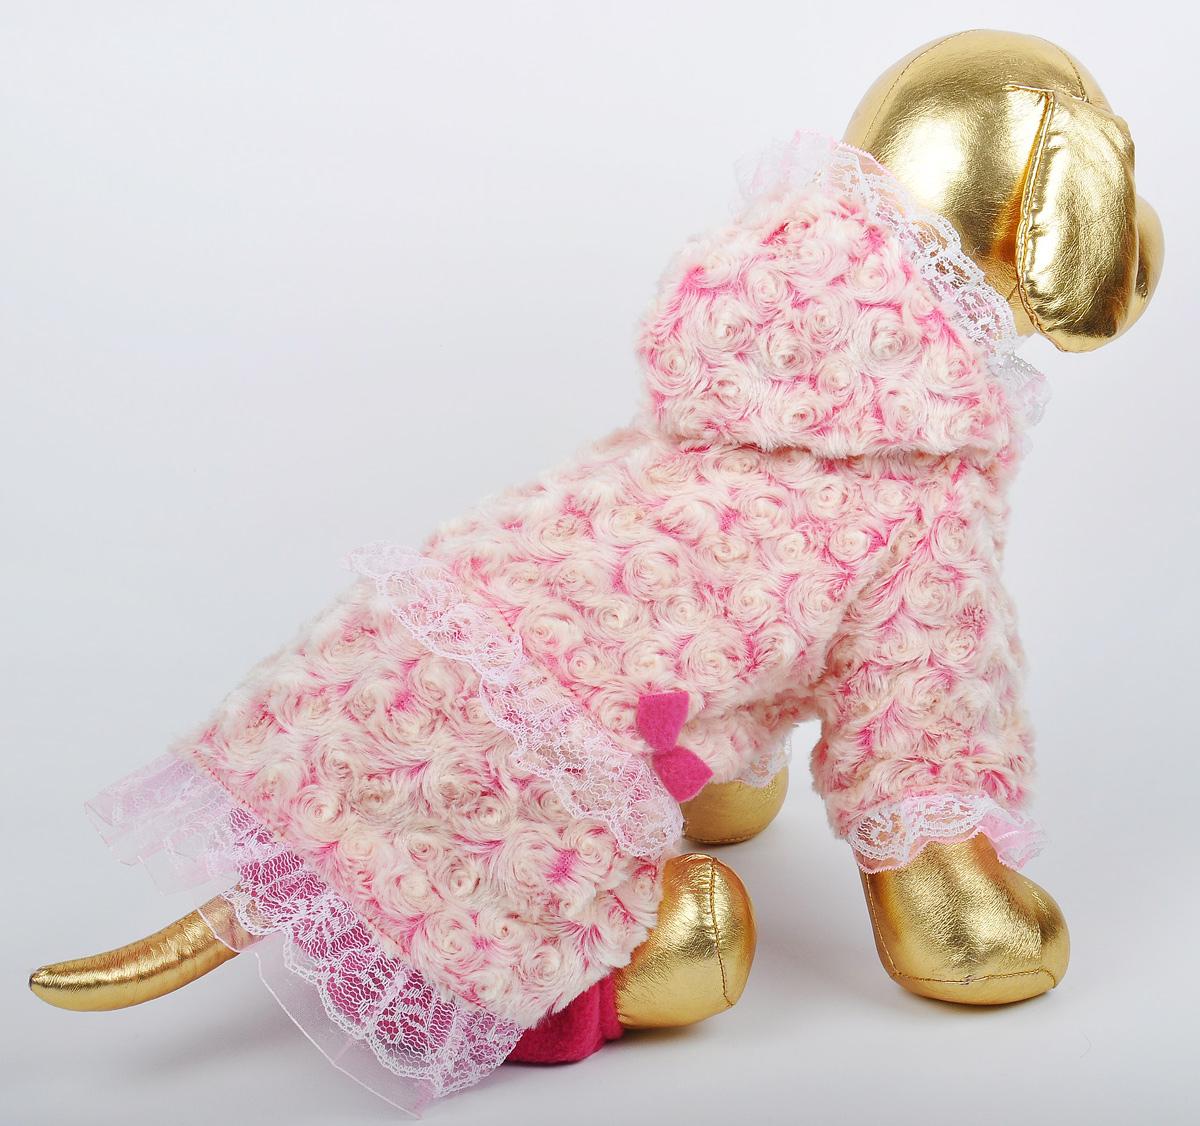 Шубка для собак GLG, цвет: розовый. Размер M12171996Шубка для собак GLG выполнена из полиэстера и синтепона. Длинные рукава не ограничивают свободу движений, и собачка будет чувствовать себя в нем комфортно. Изделие застегивается с помощью кнопок..Модная и невероятно удобная шубка защитит вашего питомца от прохладной погоды .Длина спины: 27-29 см Обхват груди: 37-39 см.